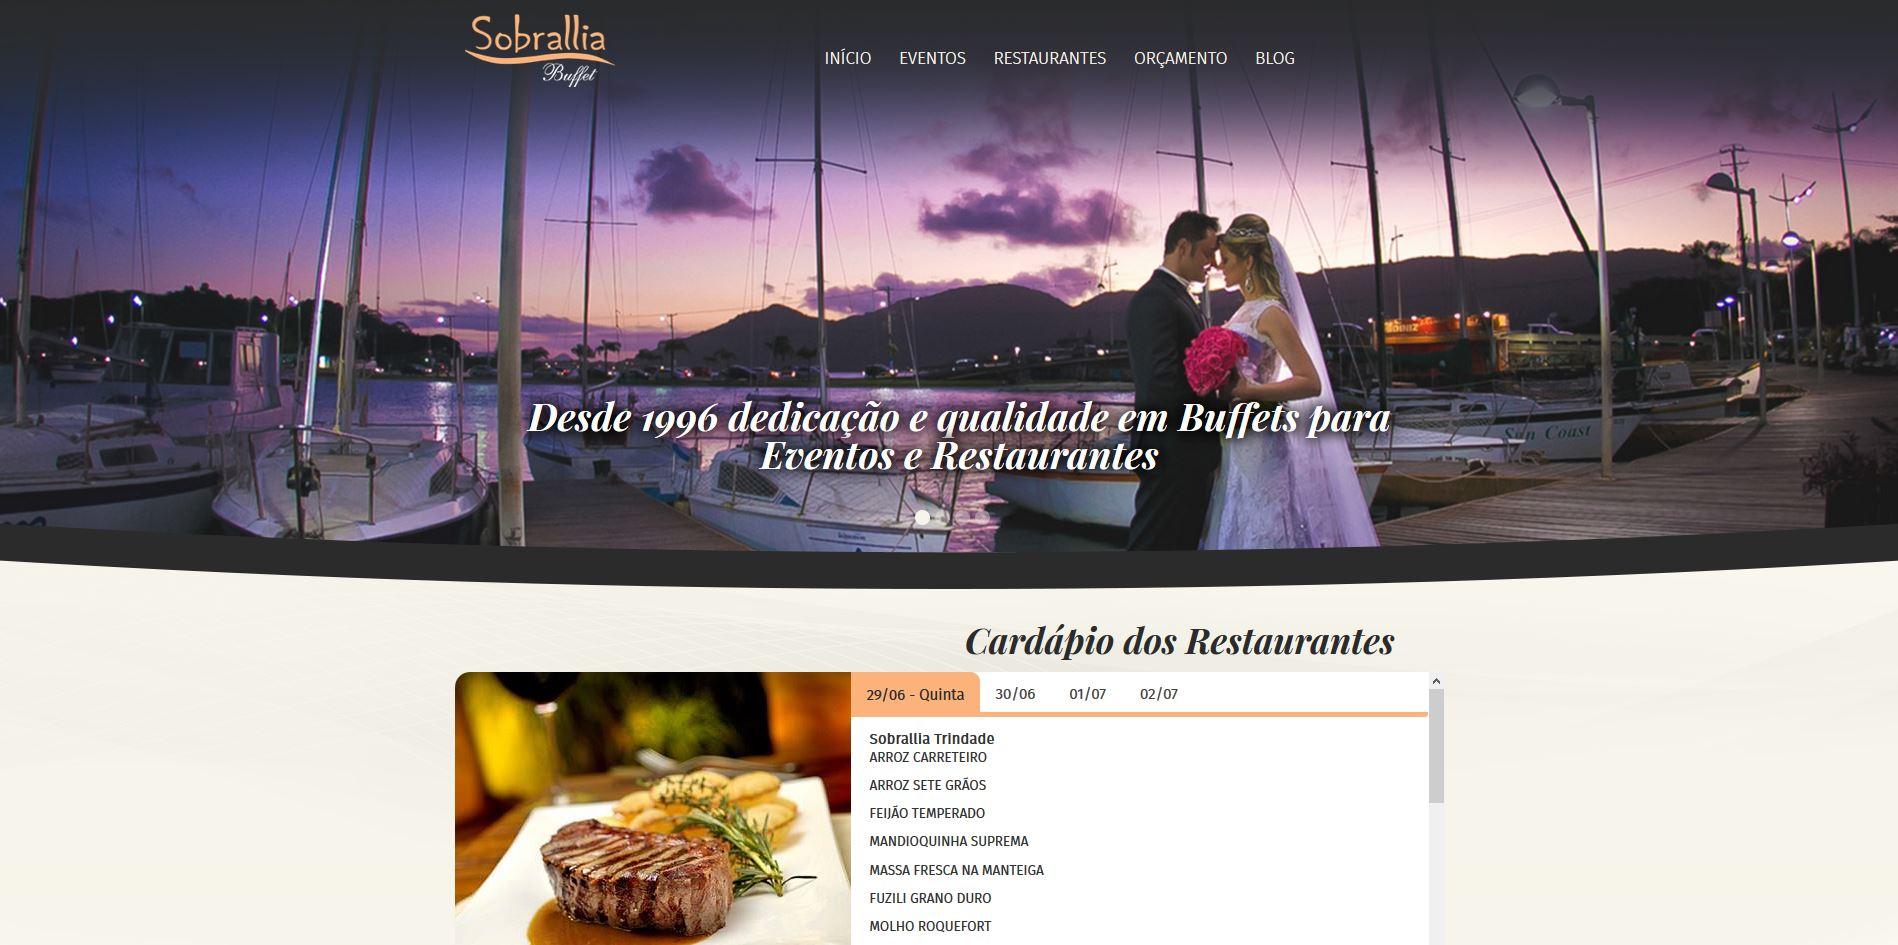 Case de Sucesso da EquipeDigital.com para o Sobrallia Buffet e Eventos